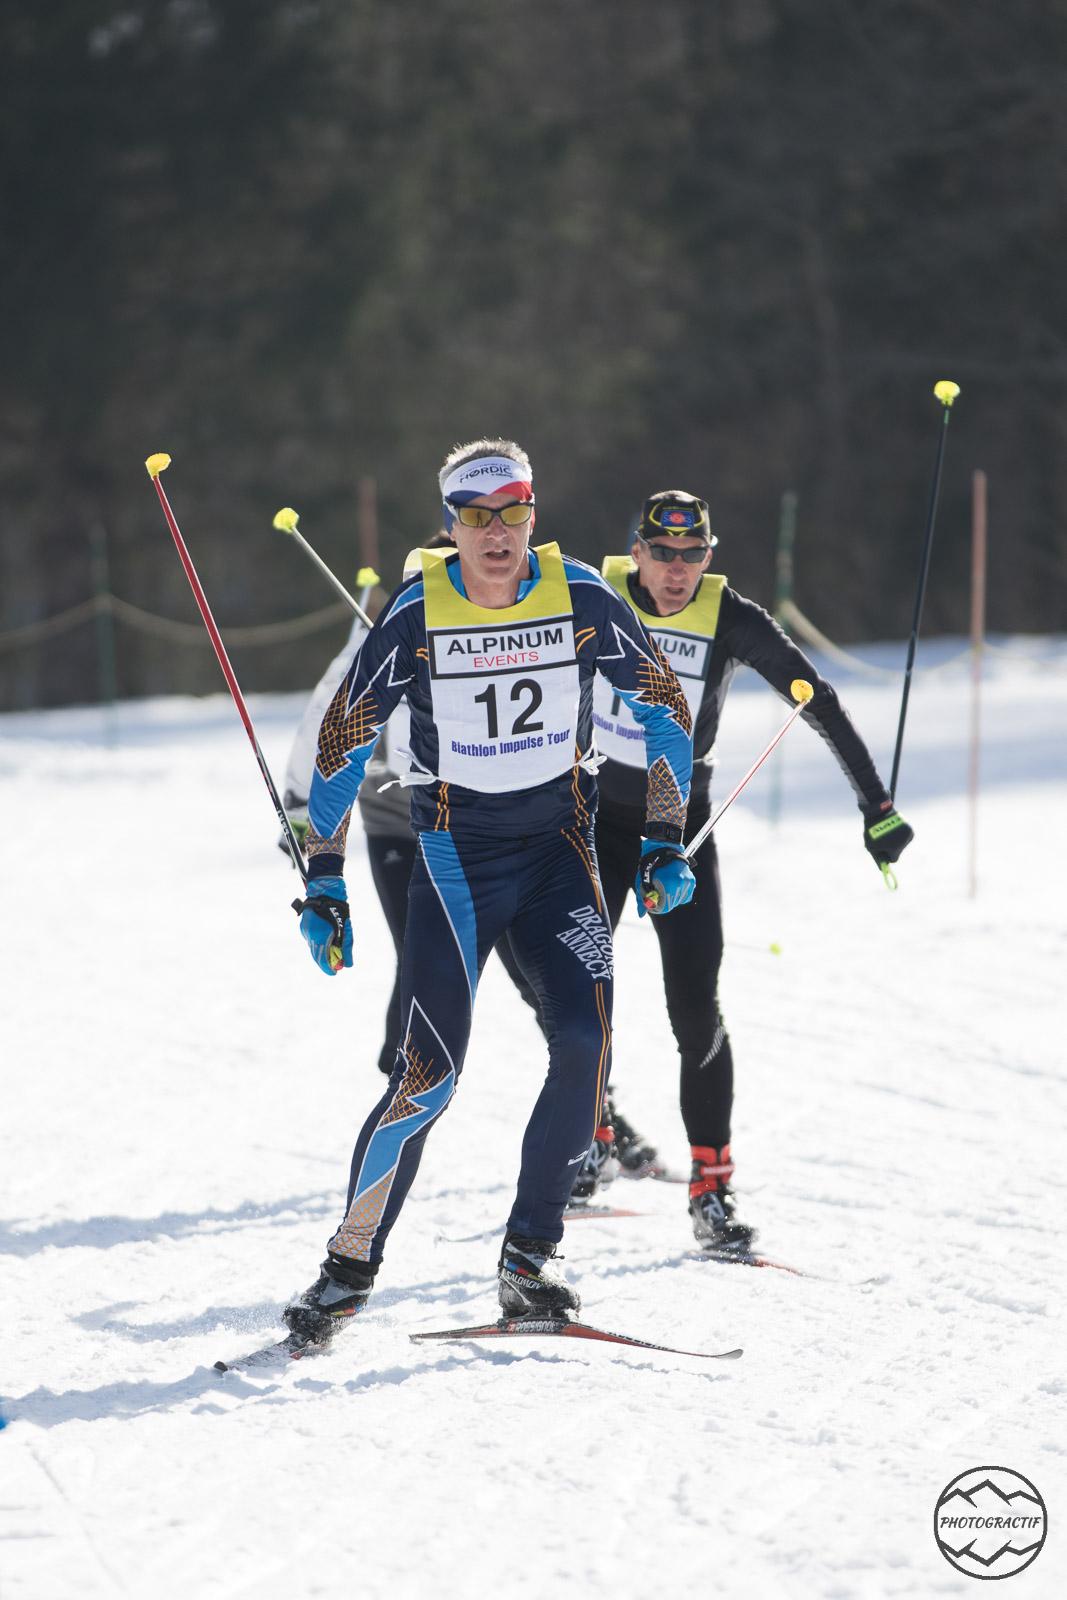 Biathlon Alpinum Les Contamines 2019 (56)